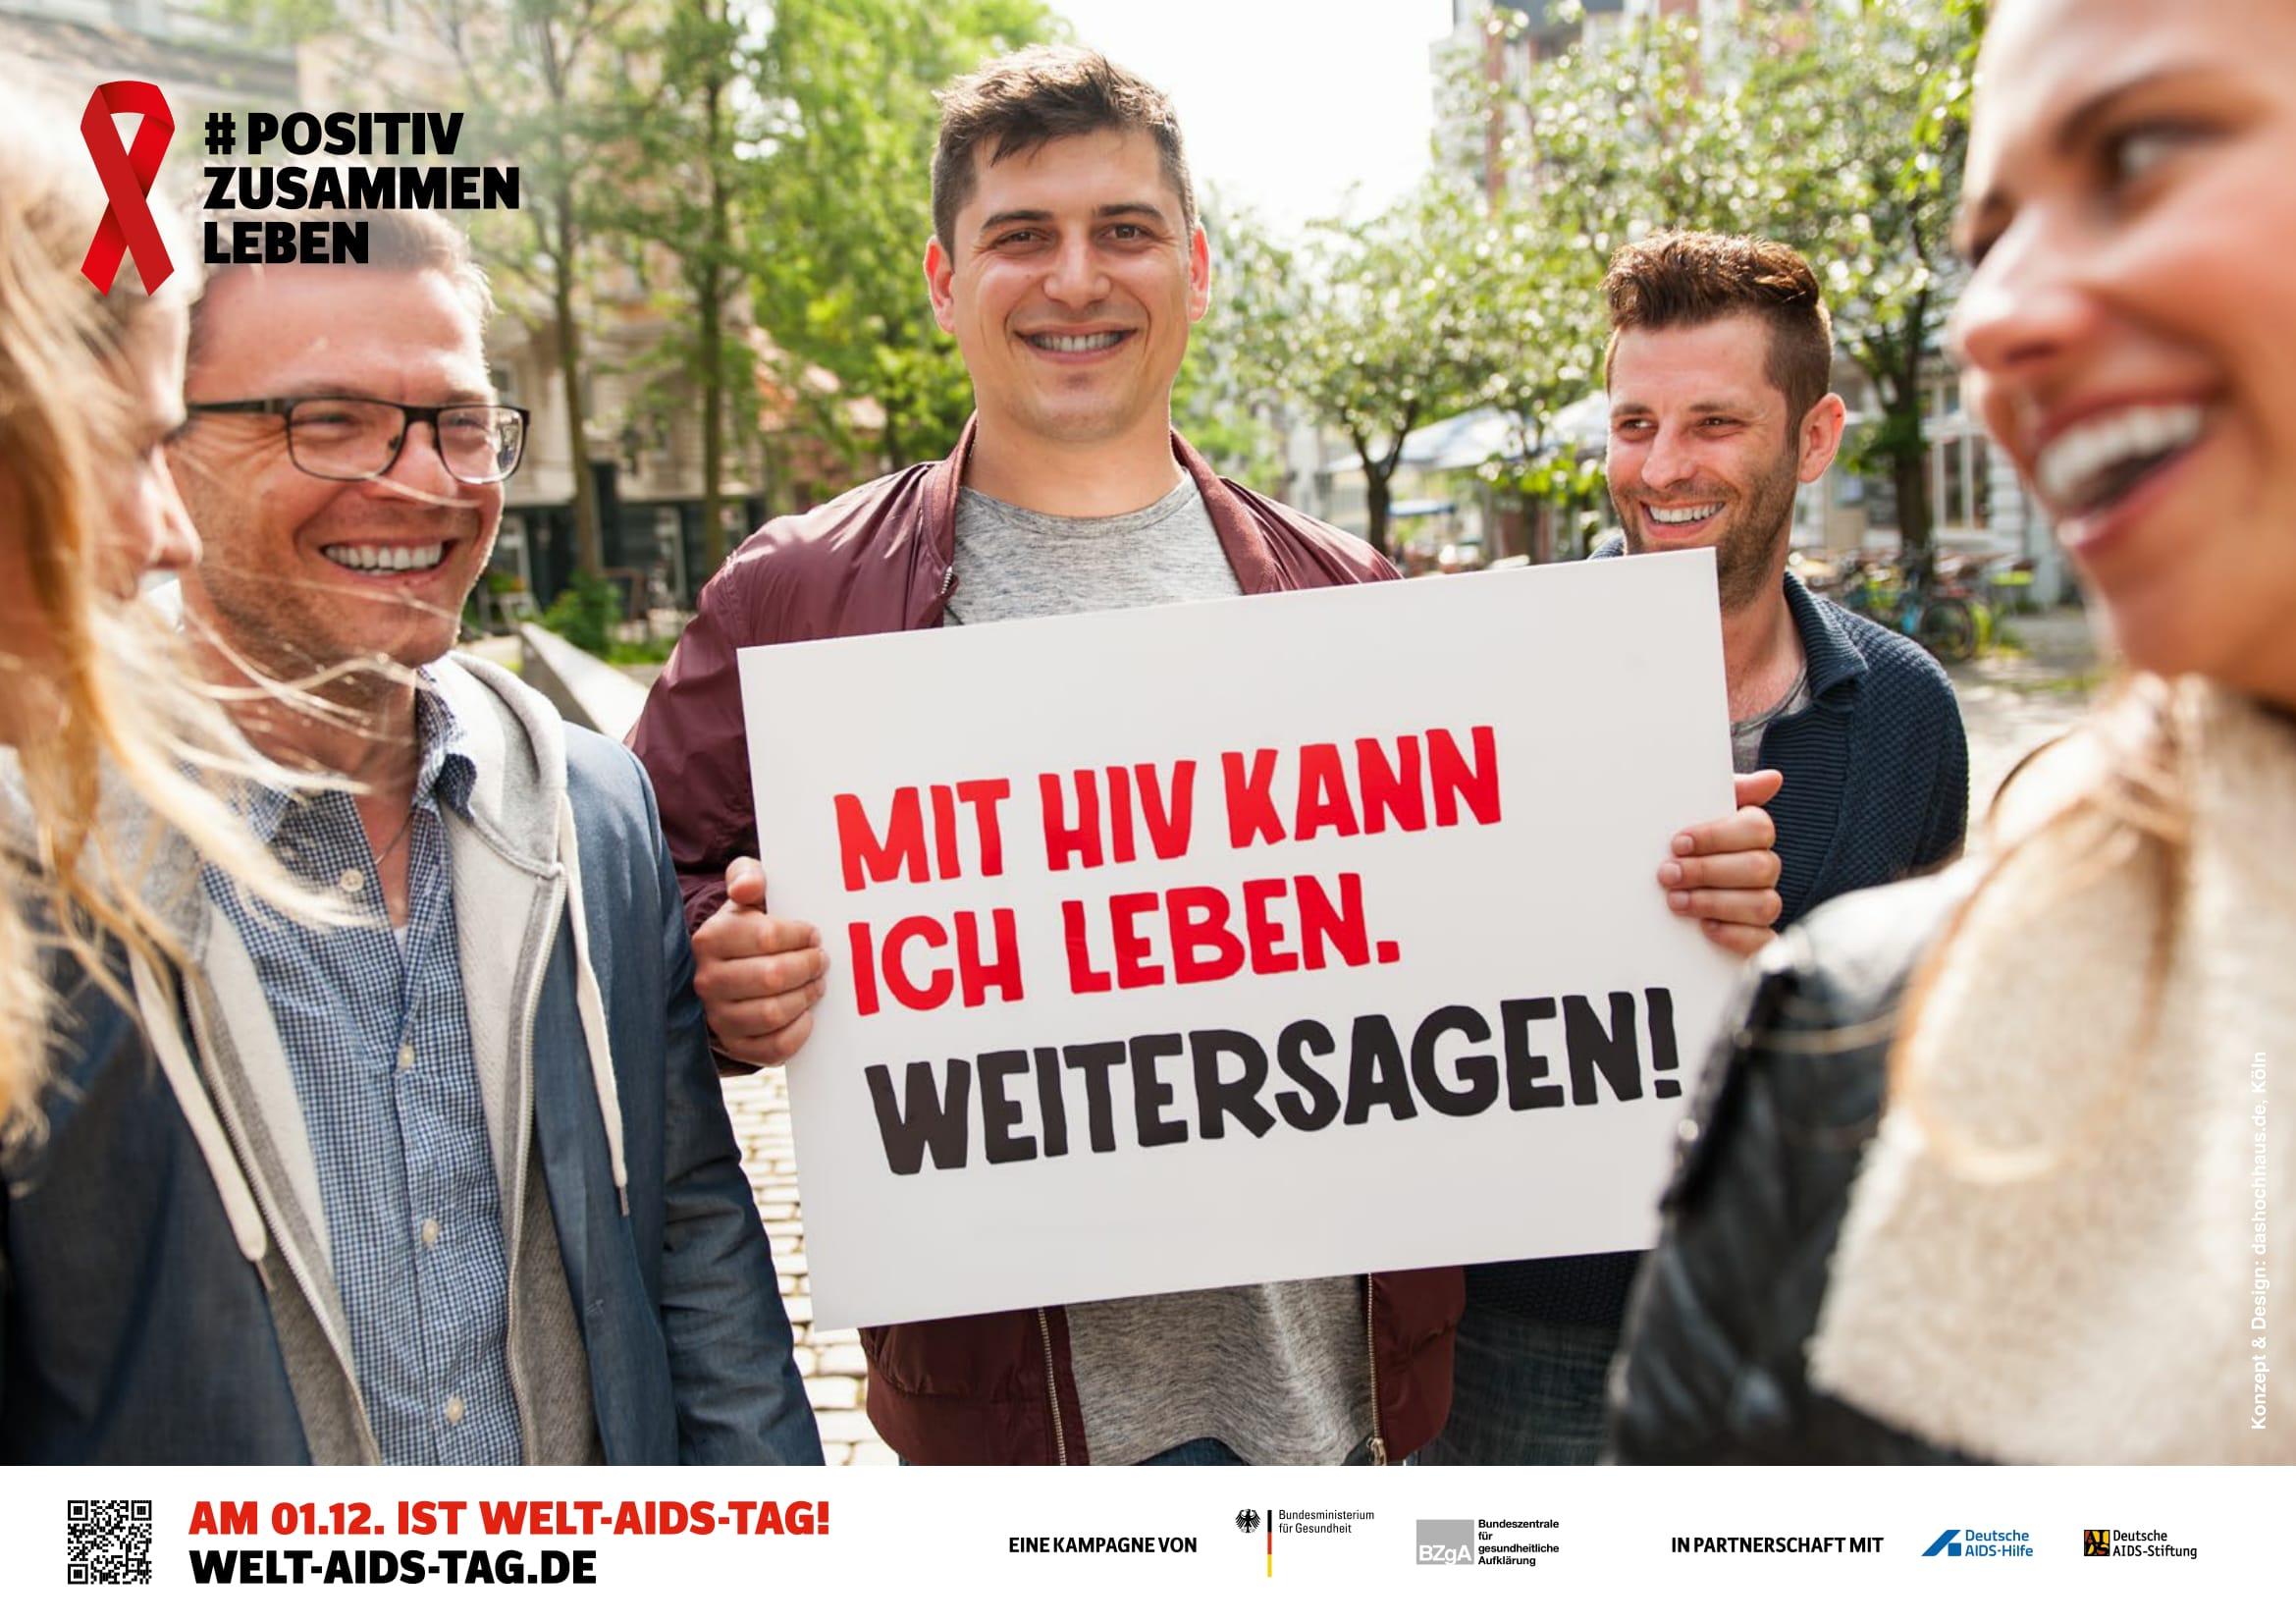 WAT-0058_2017_A4Quer_170620_Szeneviertel-1